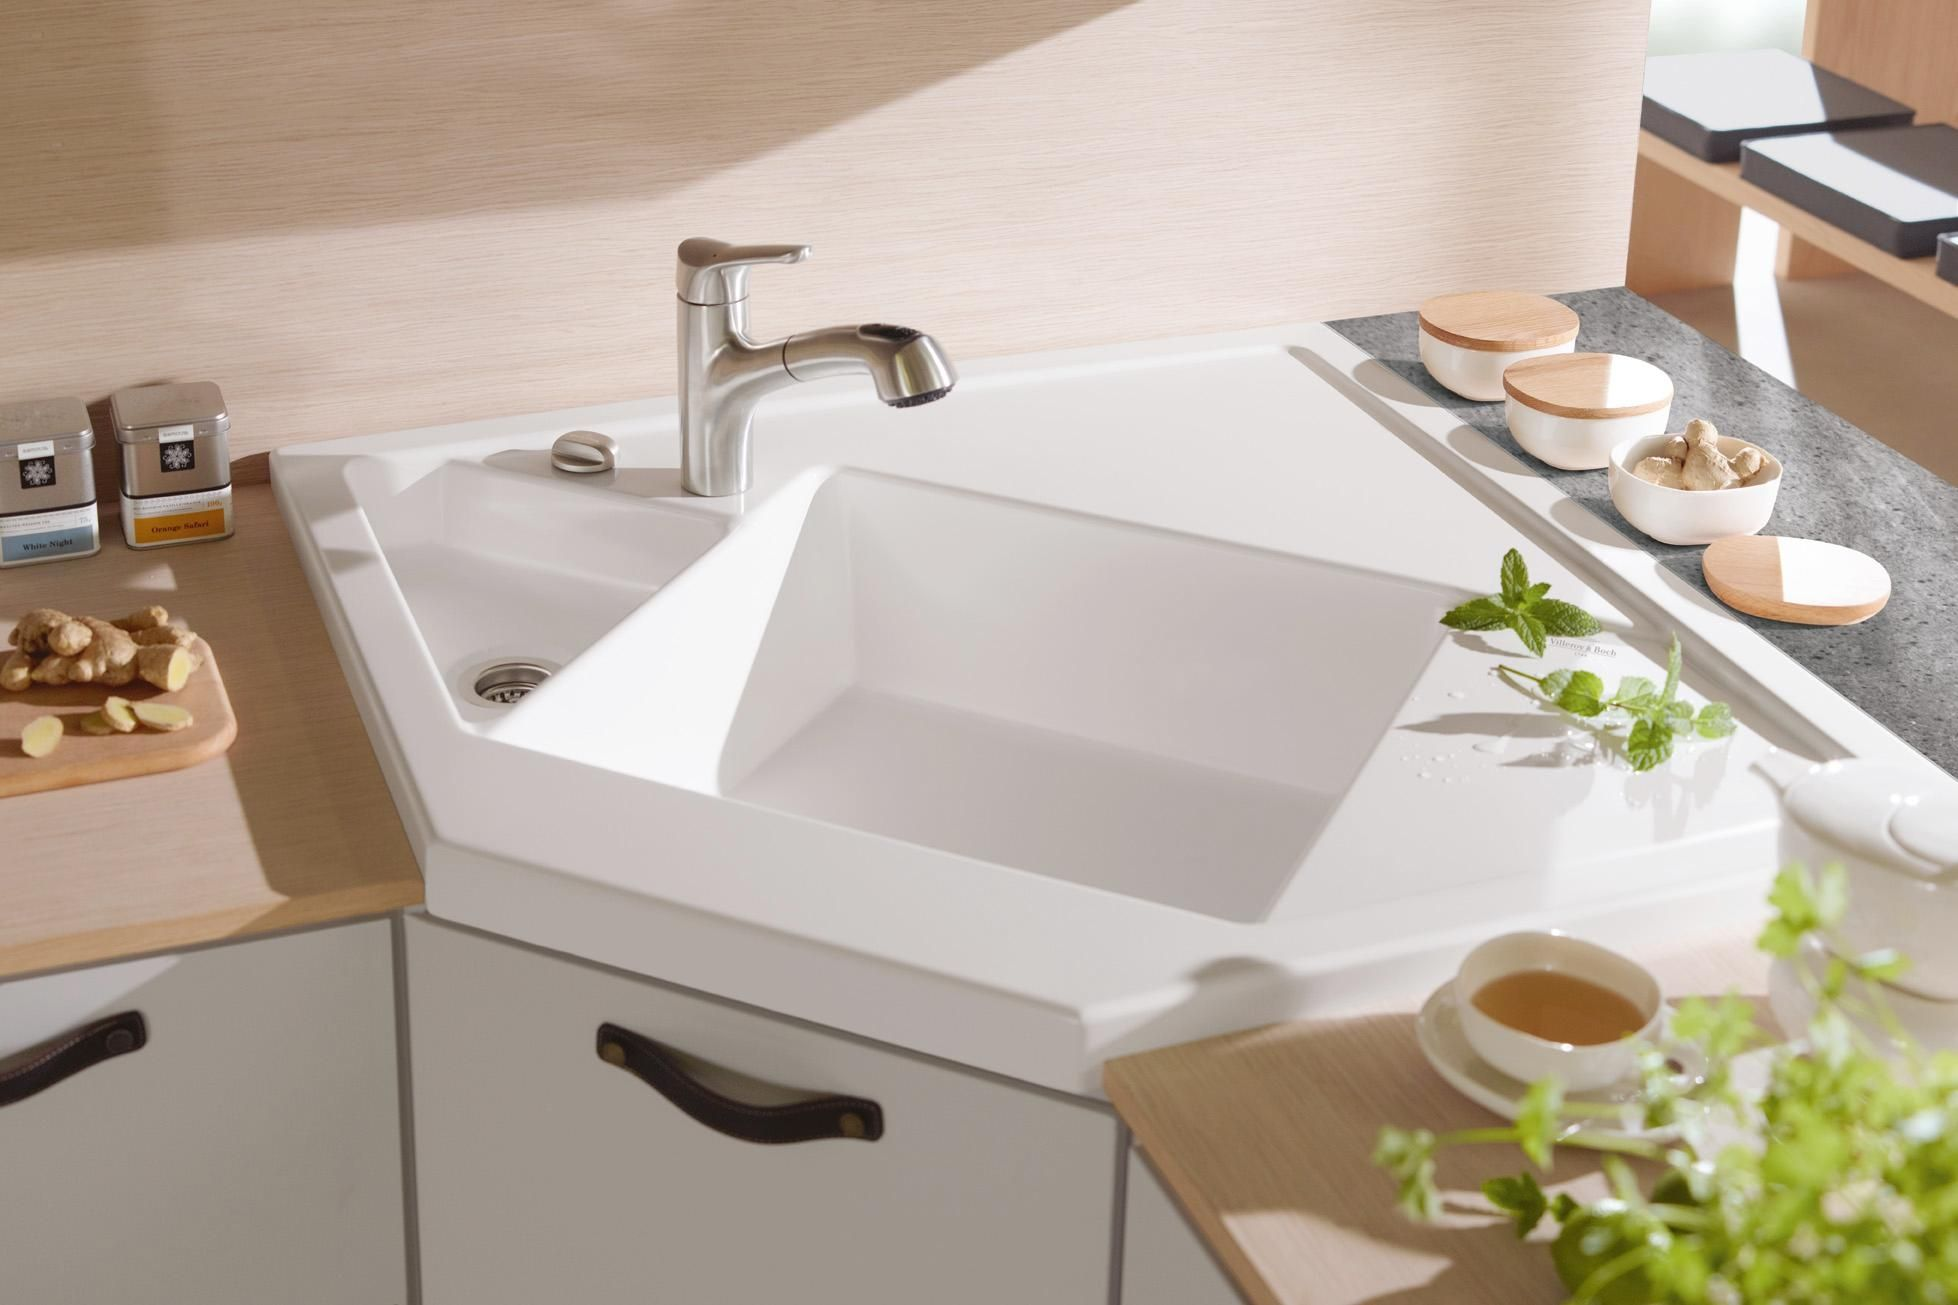 Spulbecken Breite Einzel Bowl Undermount Kitchen Sink Moderne